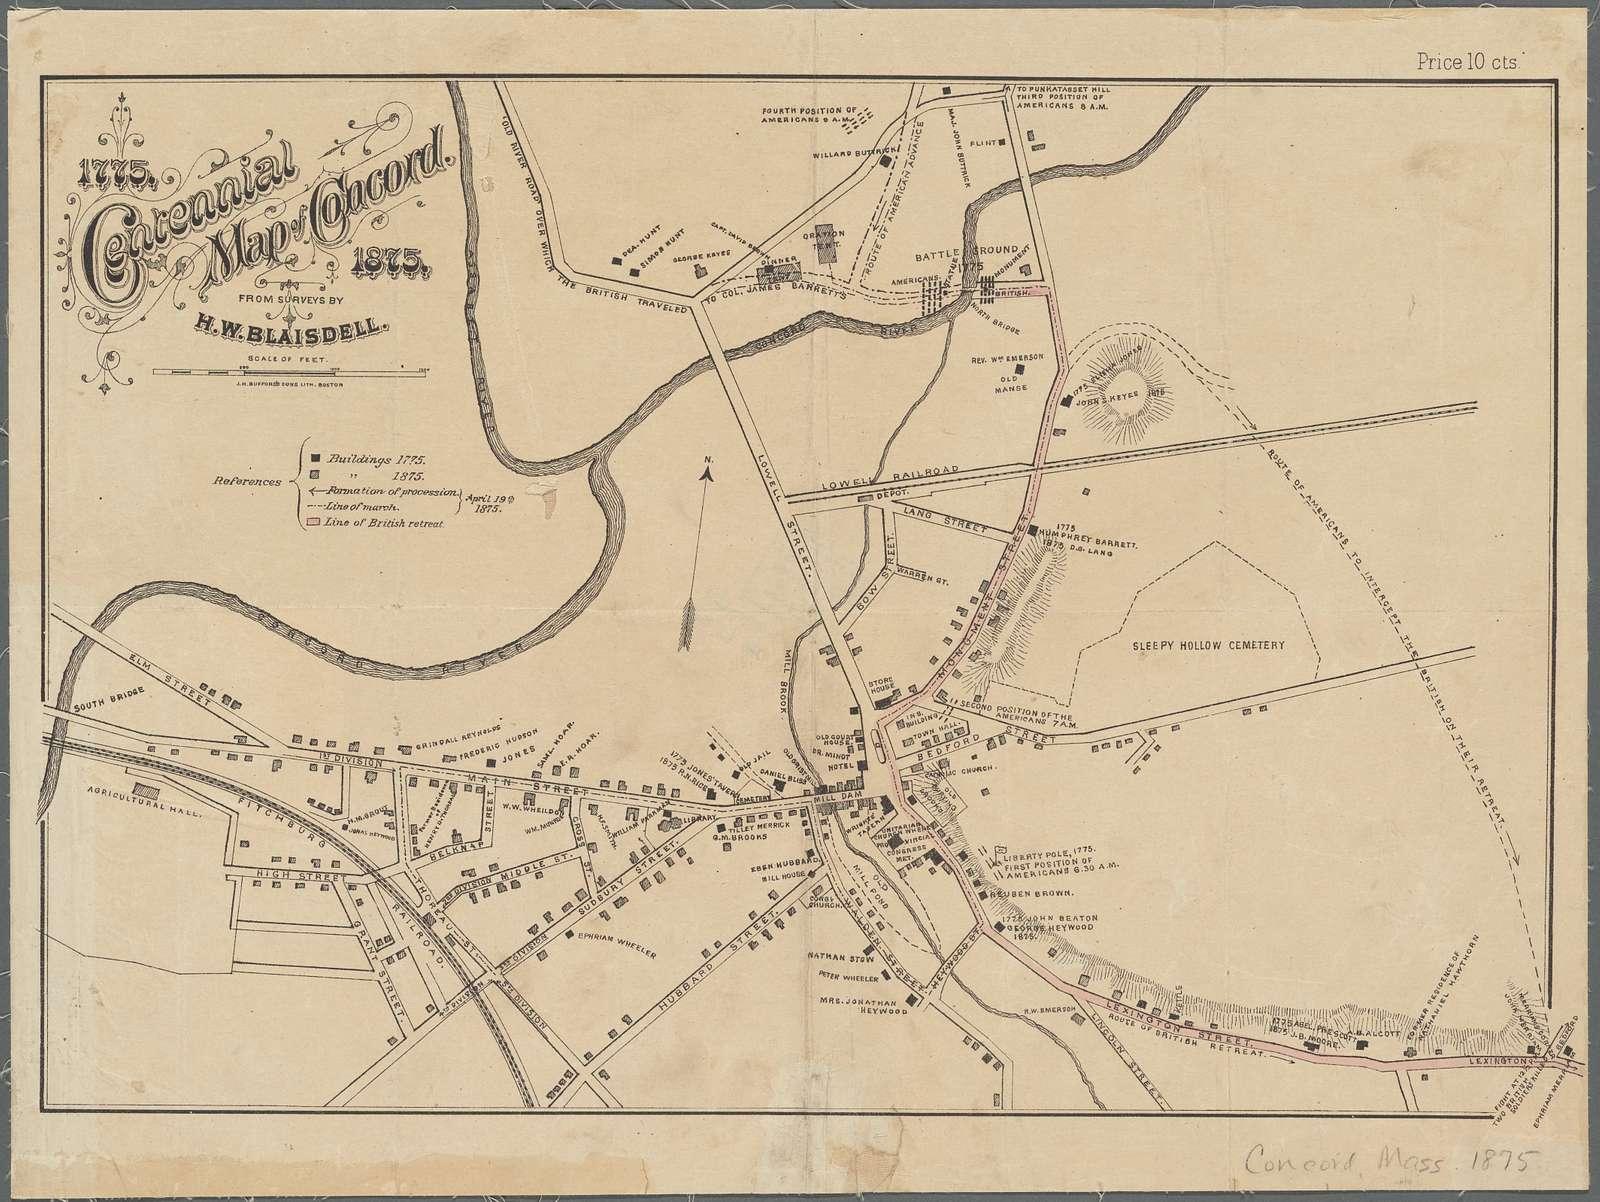 Centennial map of Concord, 1775-1875